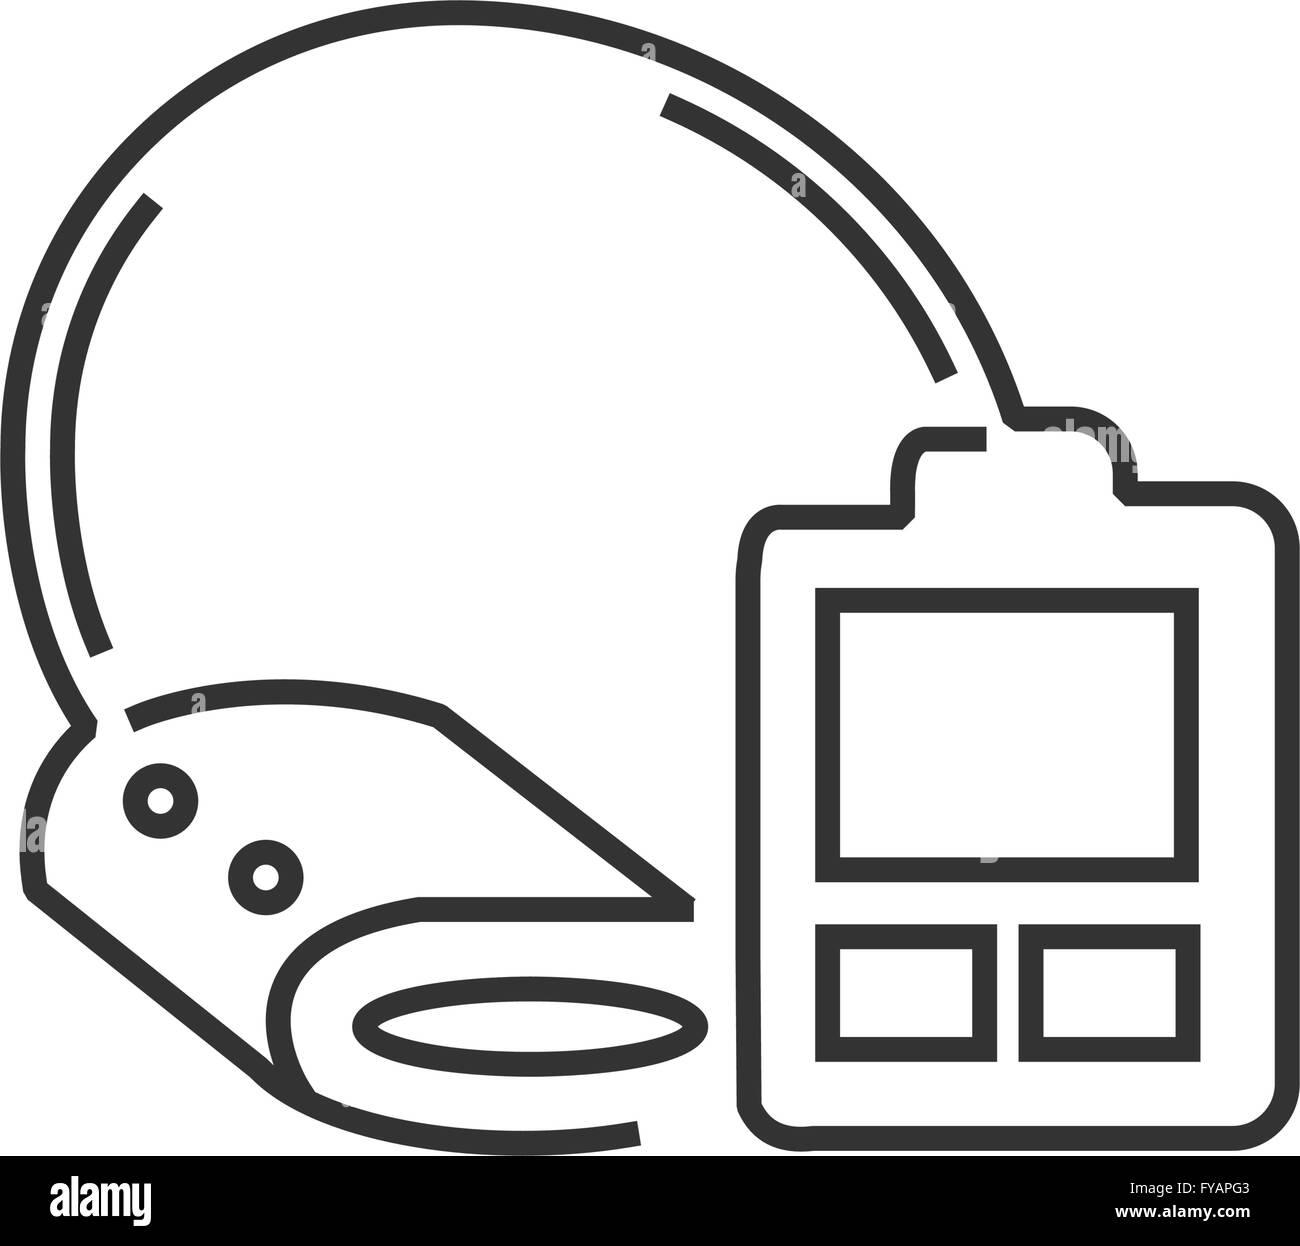 Medical Device Icon, Check pressure line icon - Stock Image